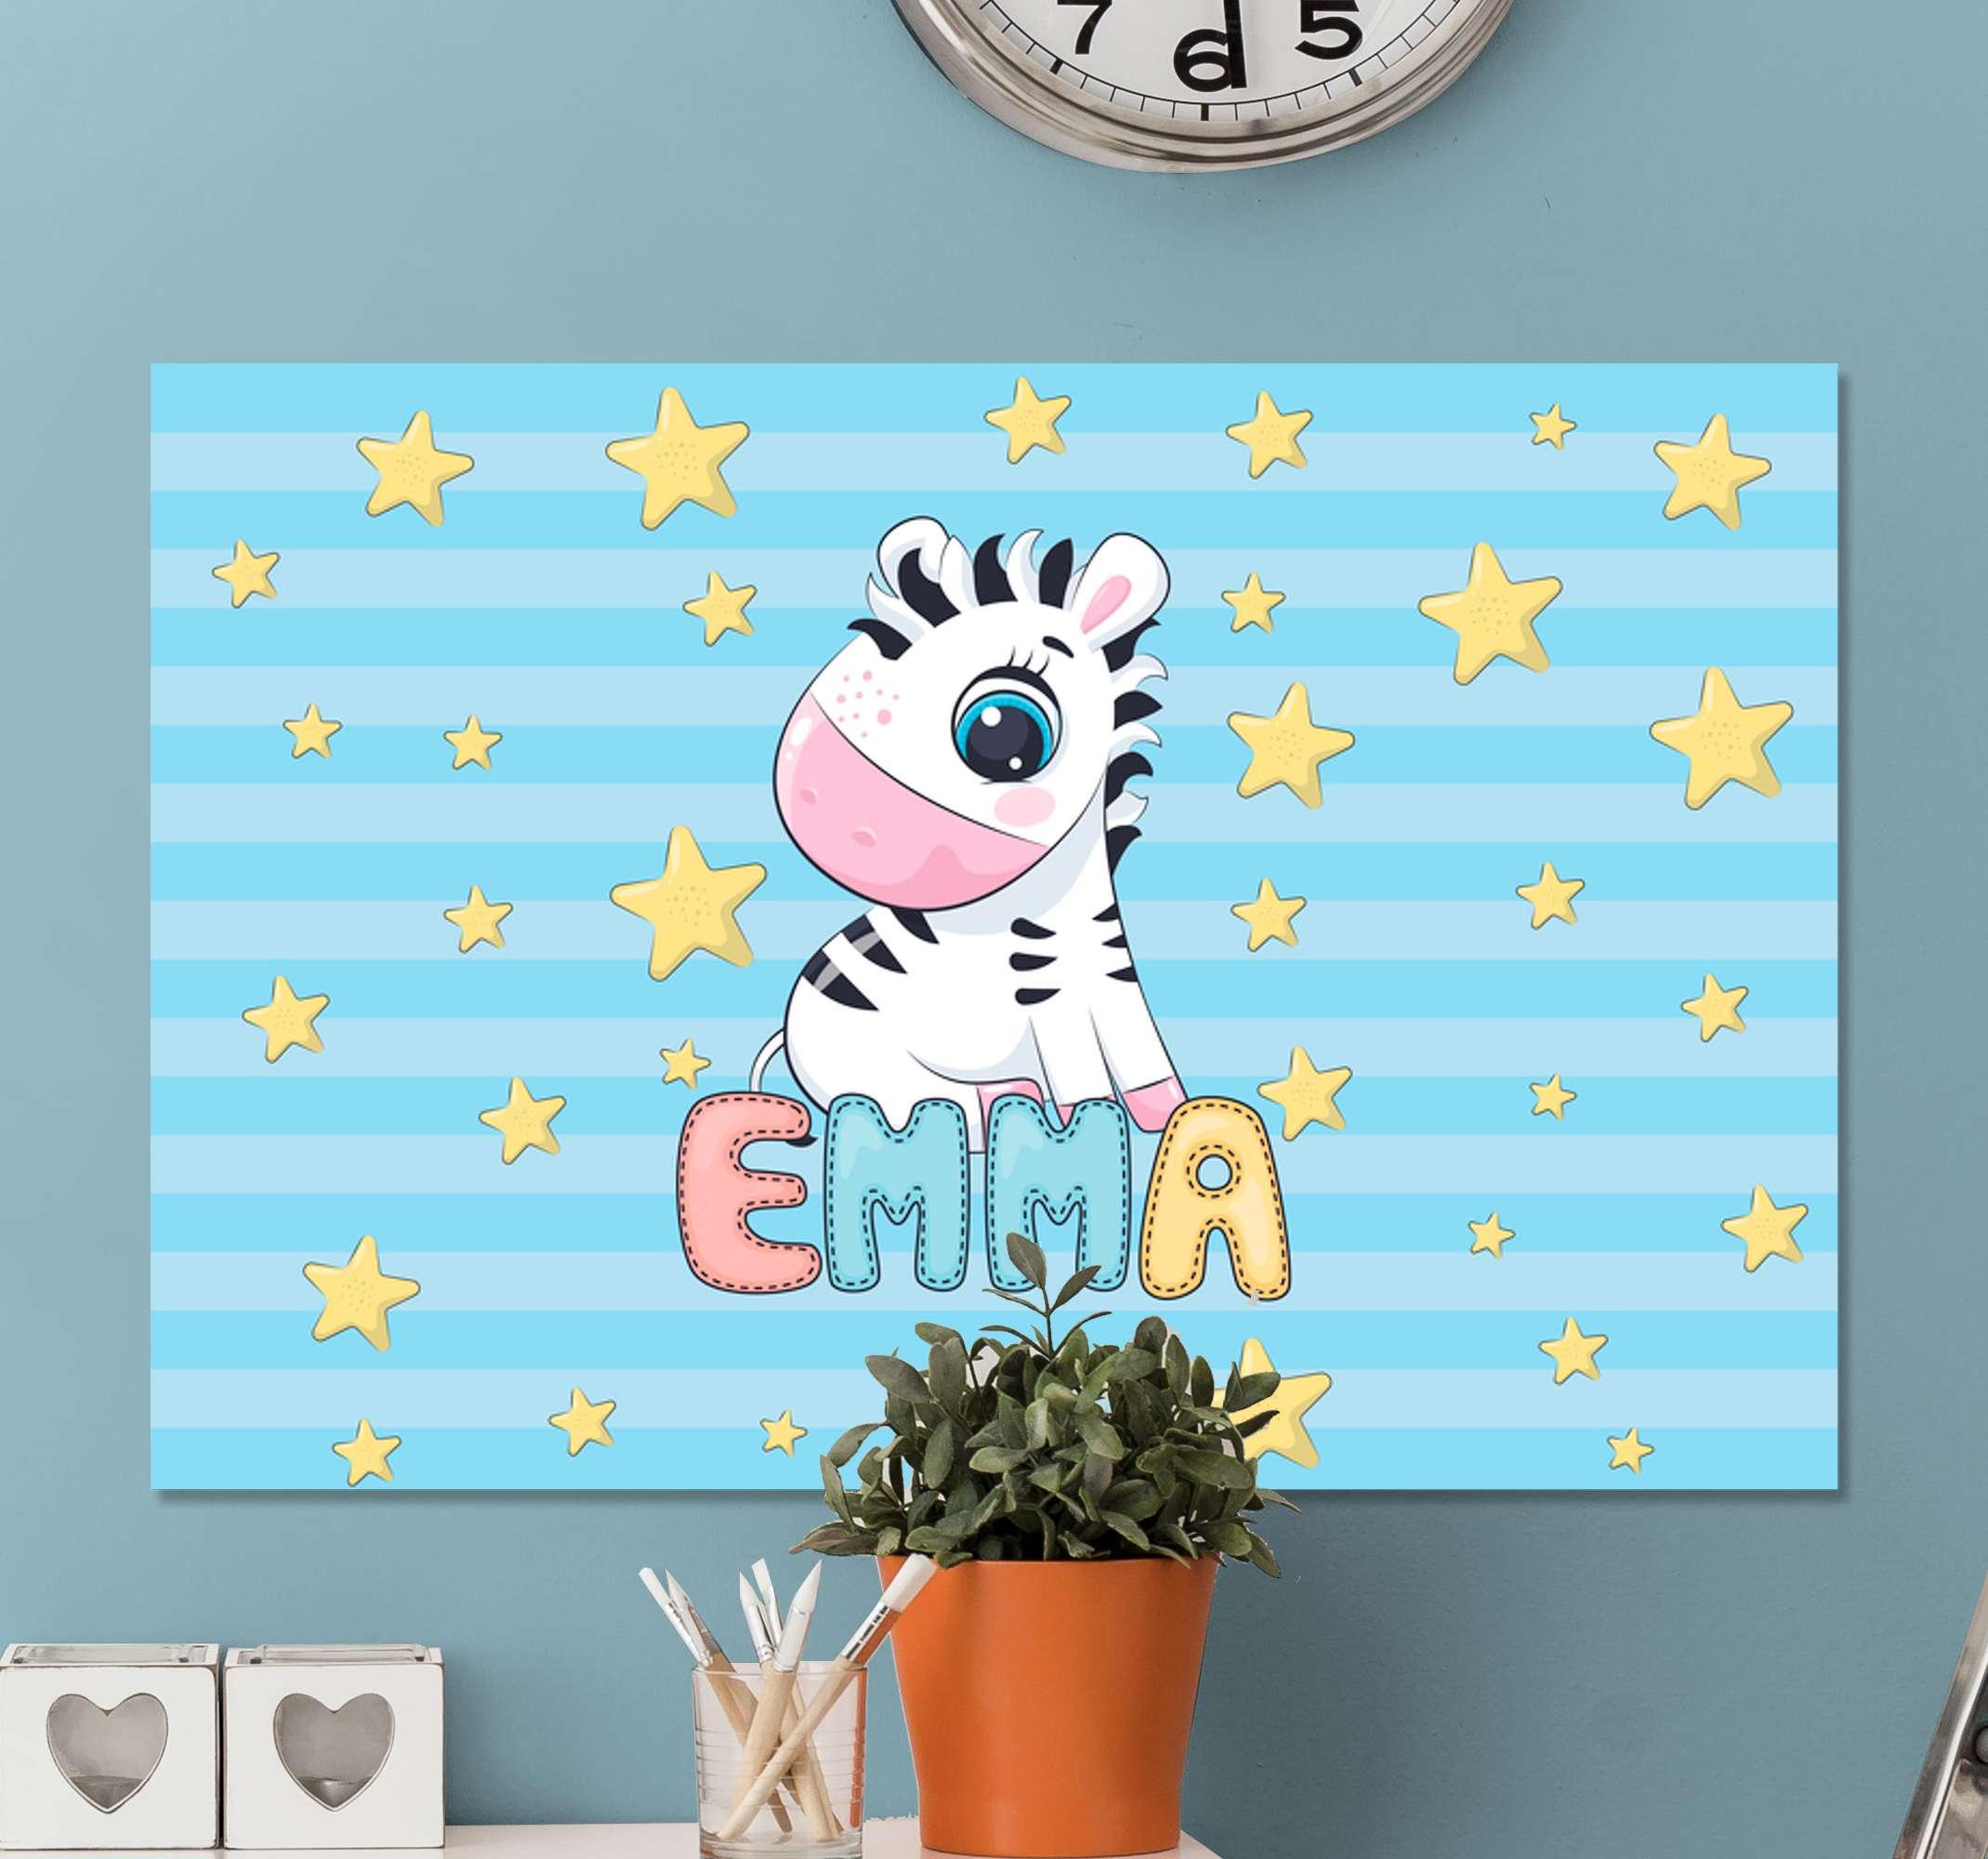 TenStickers. 可爱的斑马和星星与名称画布打印. 斑马纹帆布印花,上面有一个可爱的小斑马图像,四周是星星,下面是孩子的名字。注册10%的折扣。